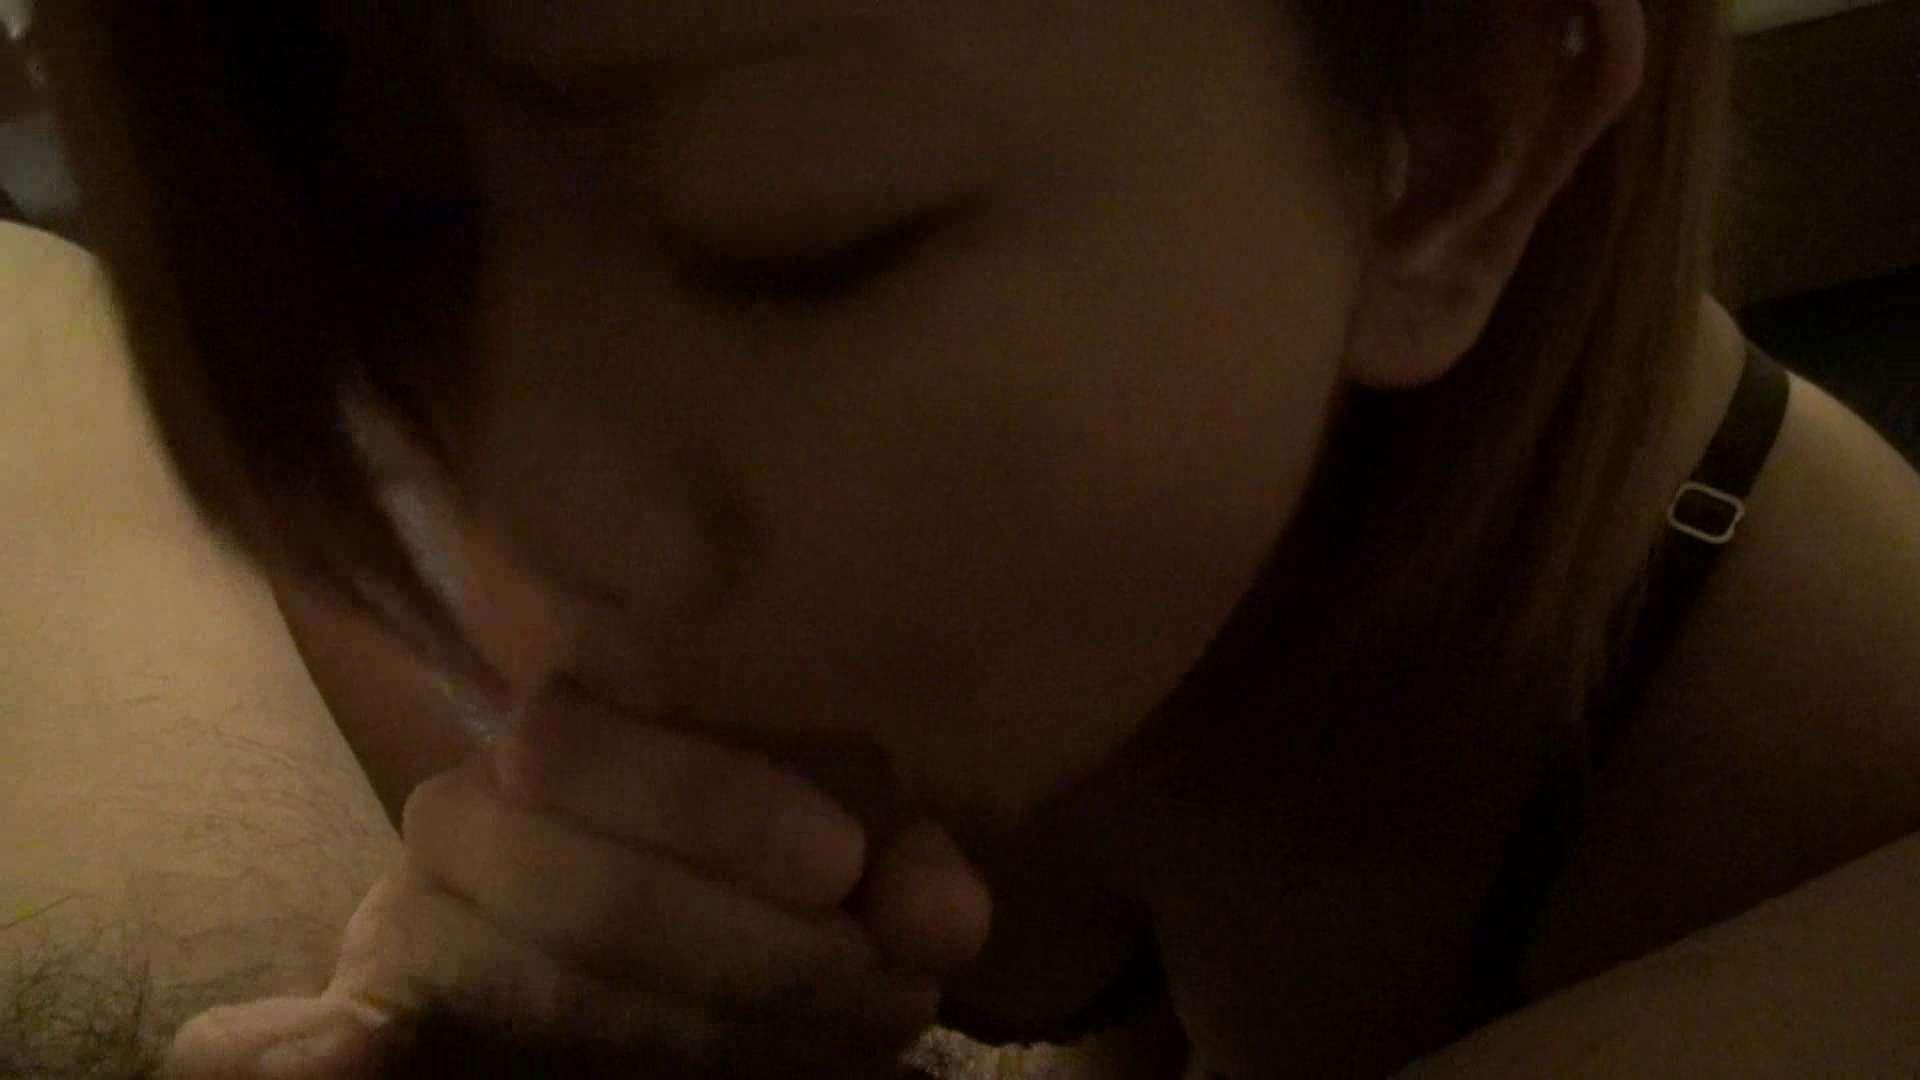 【悪戯の前】大助さんとの初めての撮影(まれまでと違って本人の意思としては・・・) ドキュメント  96枚 52